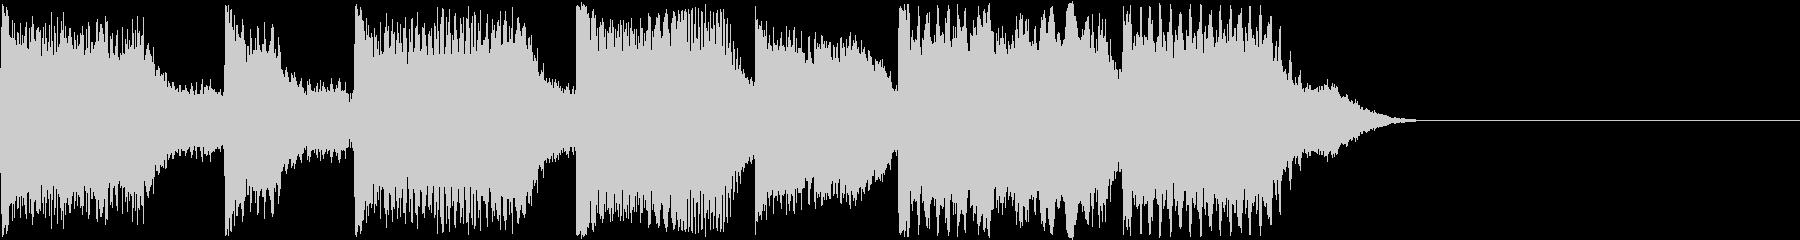 AI メカ/ロボ/マシン動作音 28の未再生の波形